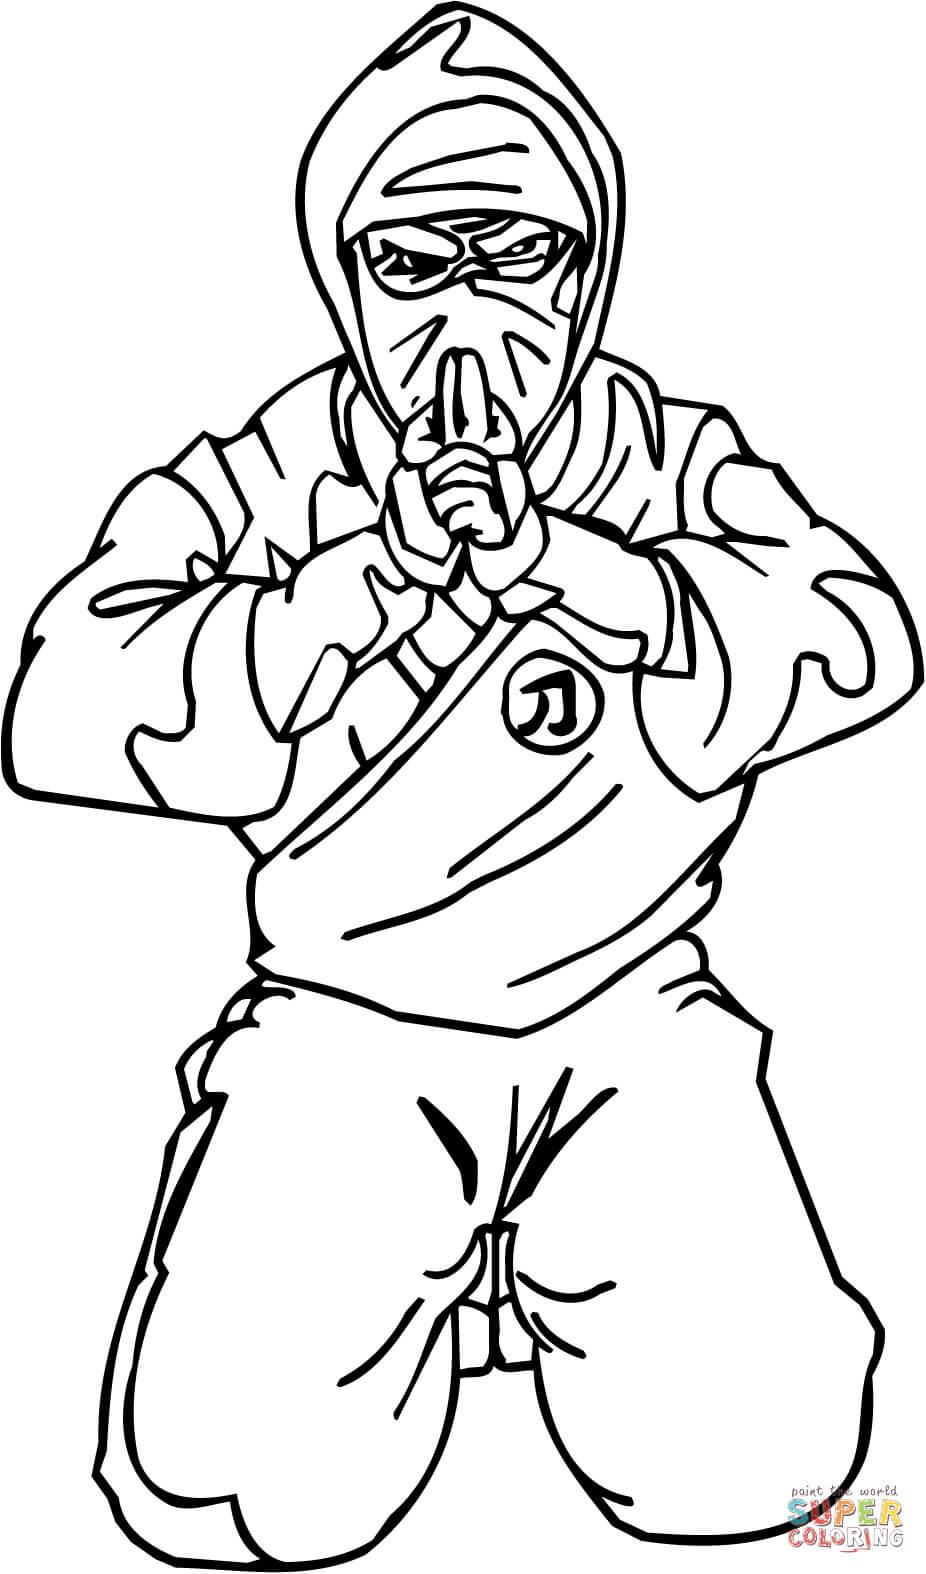 Ninja Shinobi Coloring Page Free Printable Coloring Pages